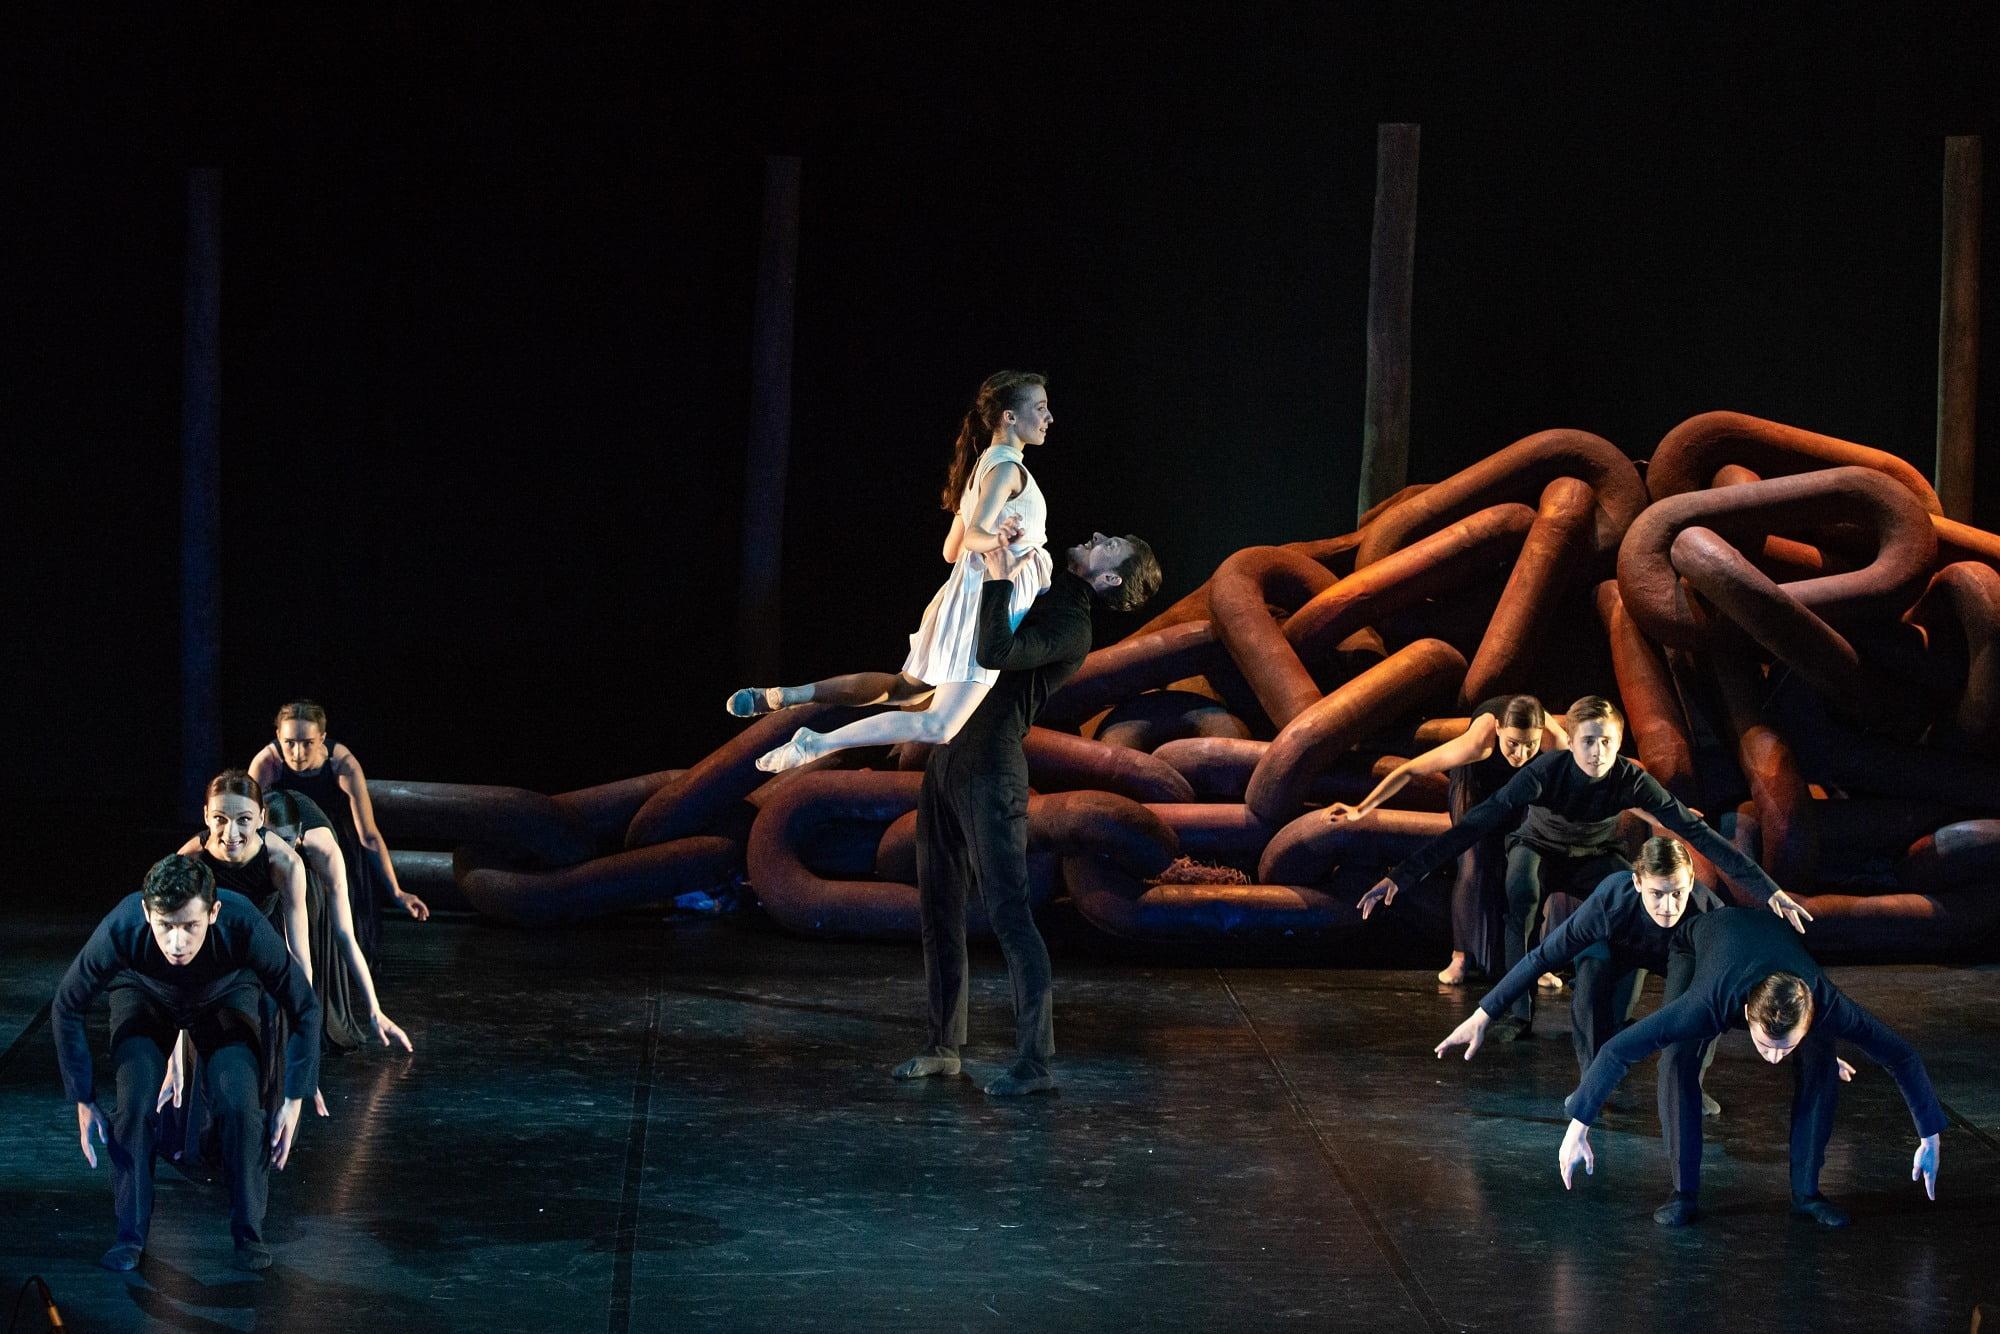 Klaipėdos valstybinis muzikinis teatras ribotą laiką leis žiūrėti spektaklius virtualiai